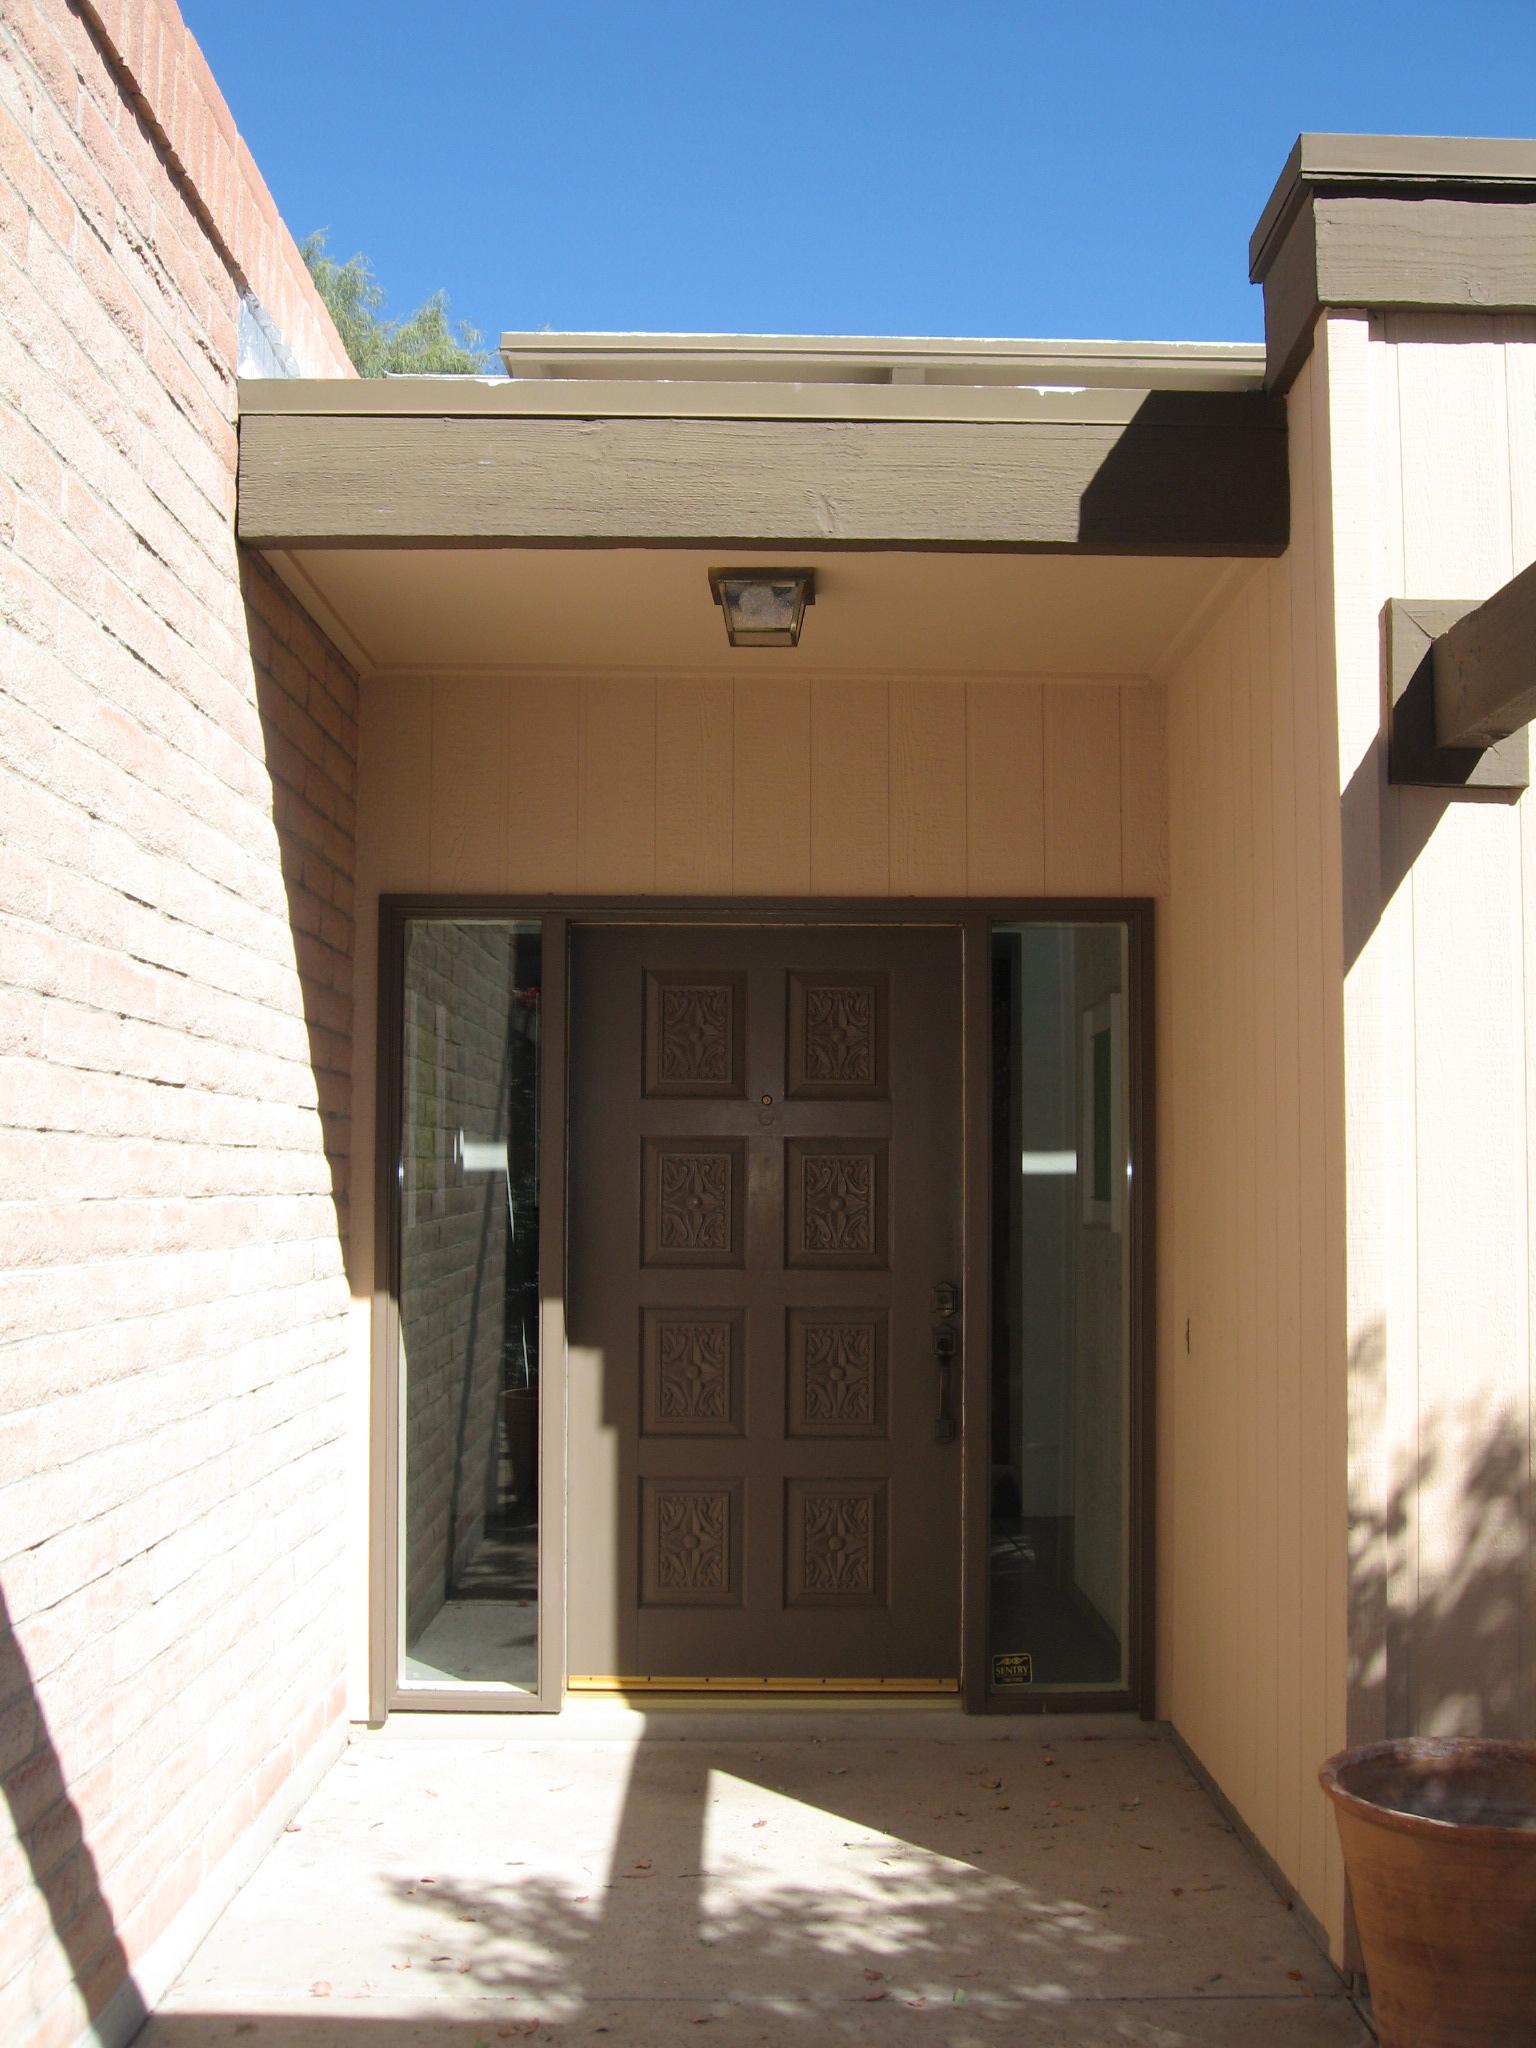 Main Entry Door Before